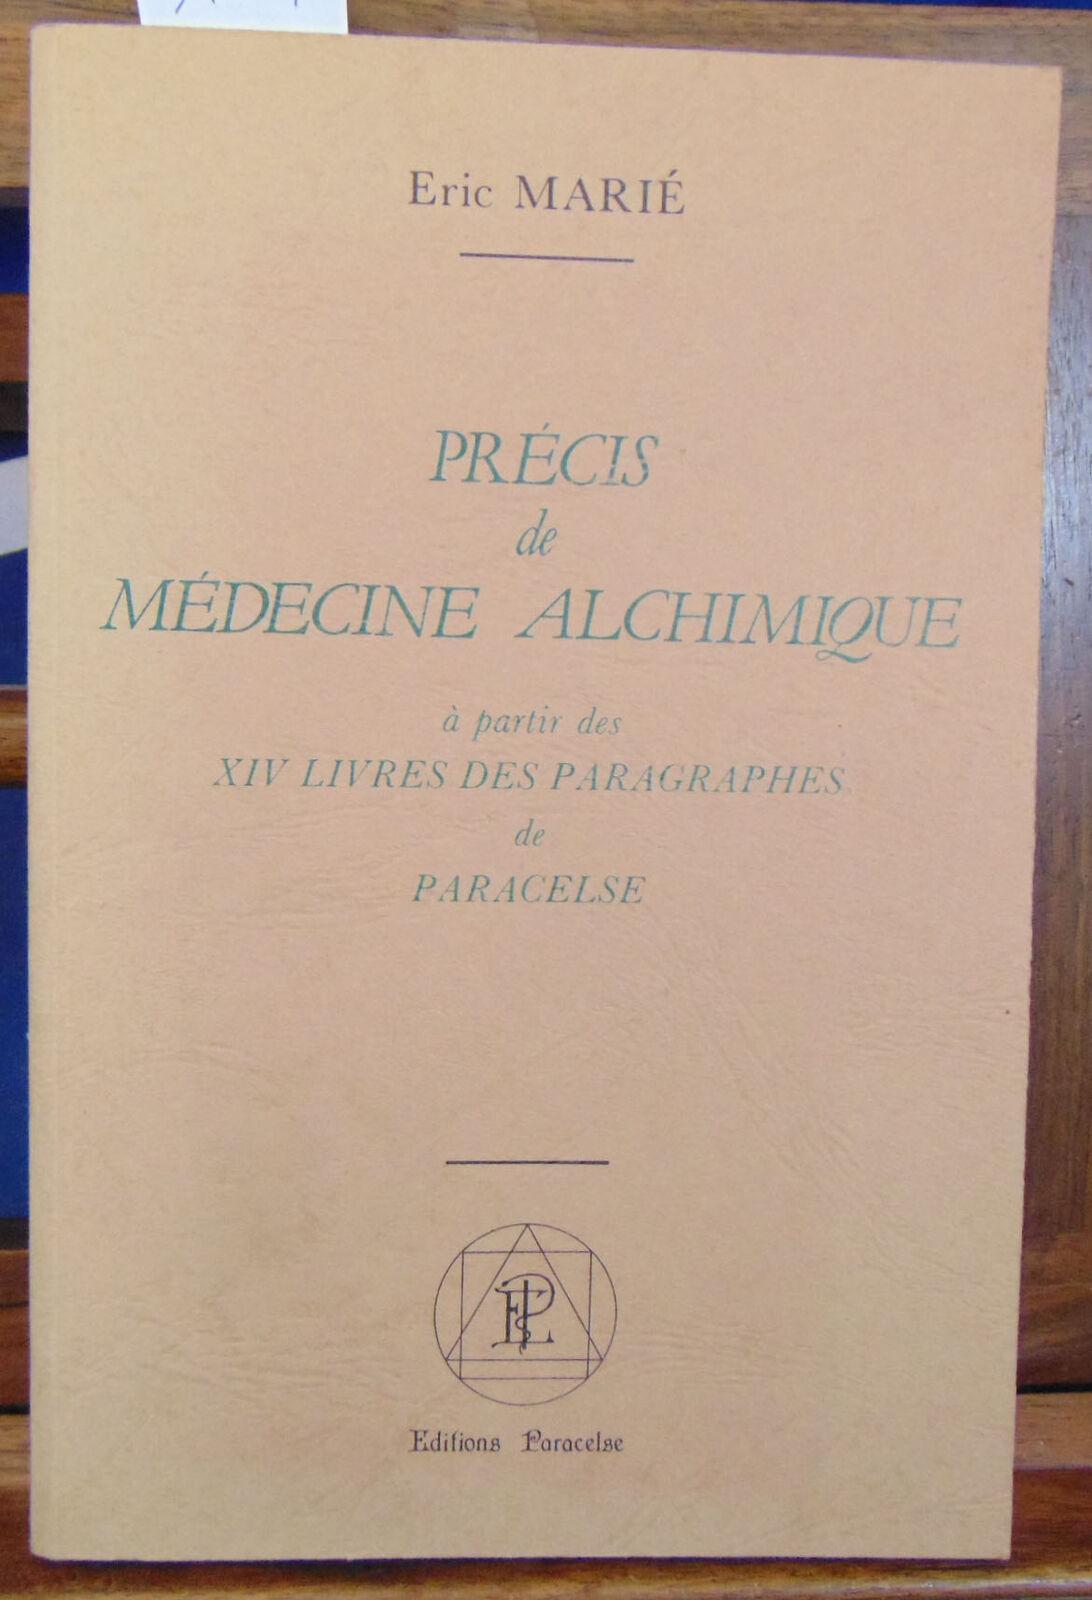 Précis de médecine alchimique A partir des XIV livres des paragraphes de Paracels